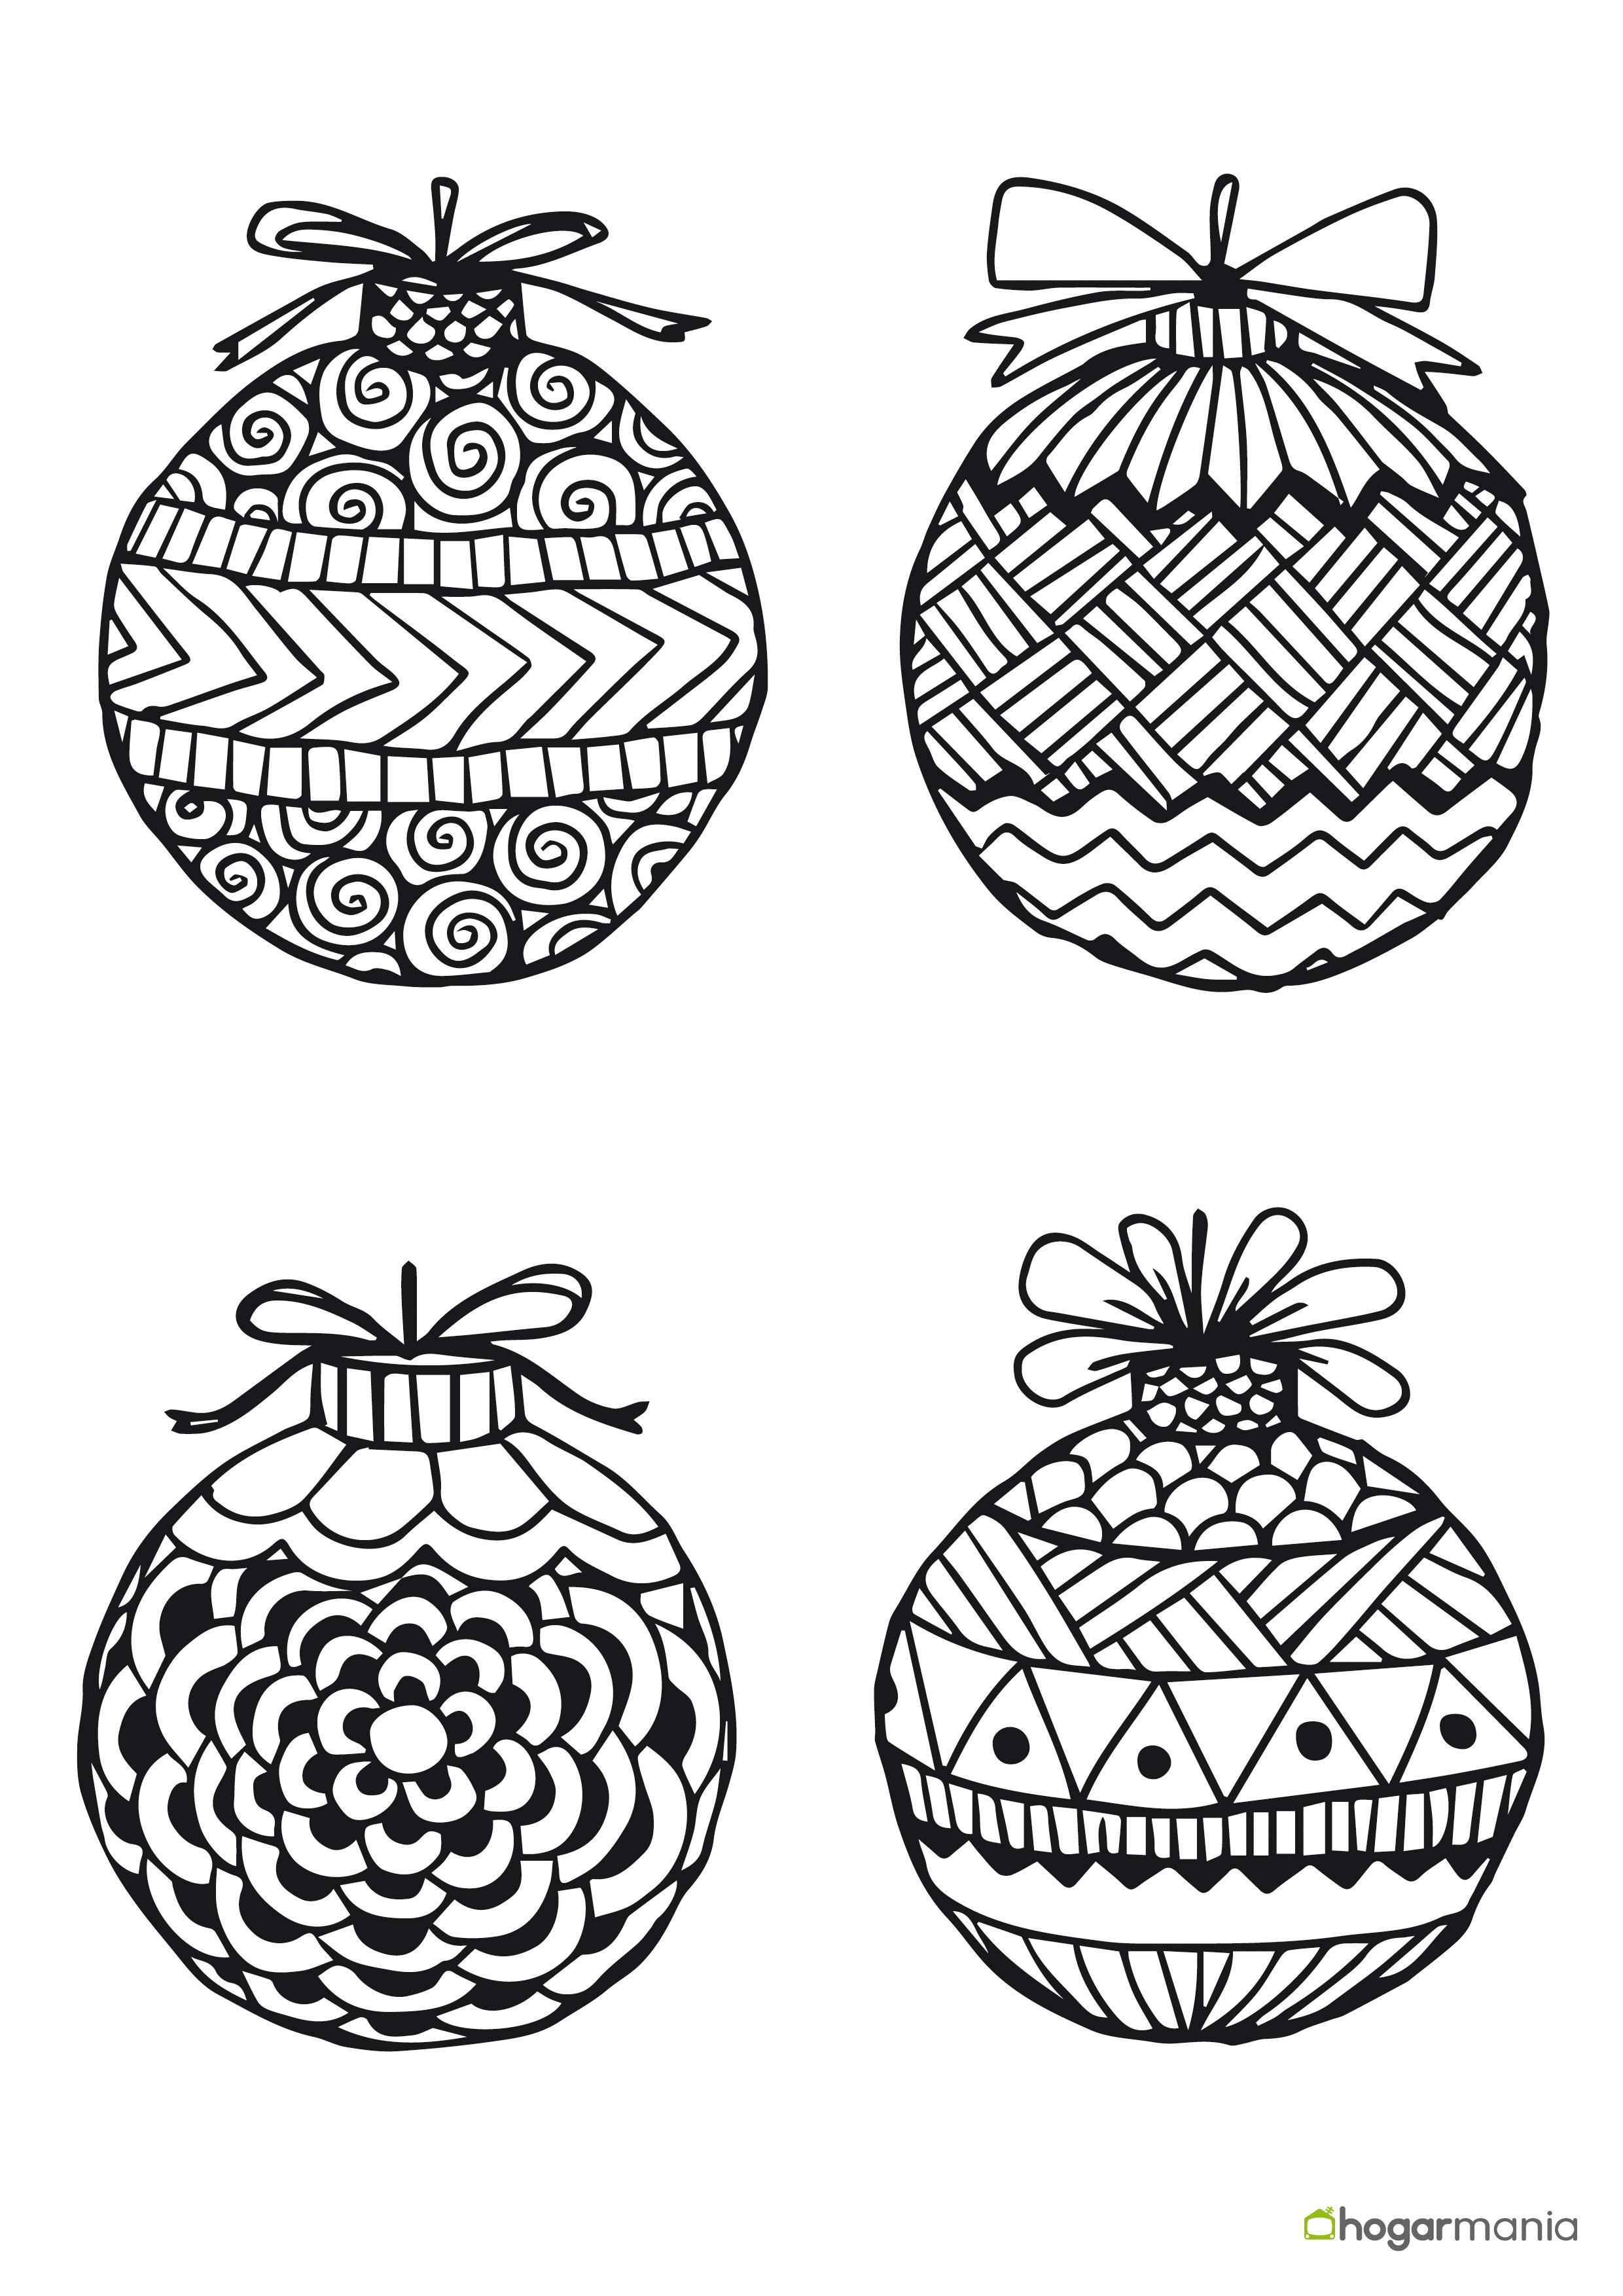 Bolas De Navidad Dibujos Para Colorear.Dibujos De Bolas De Navidad Para Imprimir Y Colorear 1